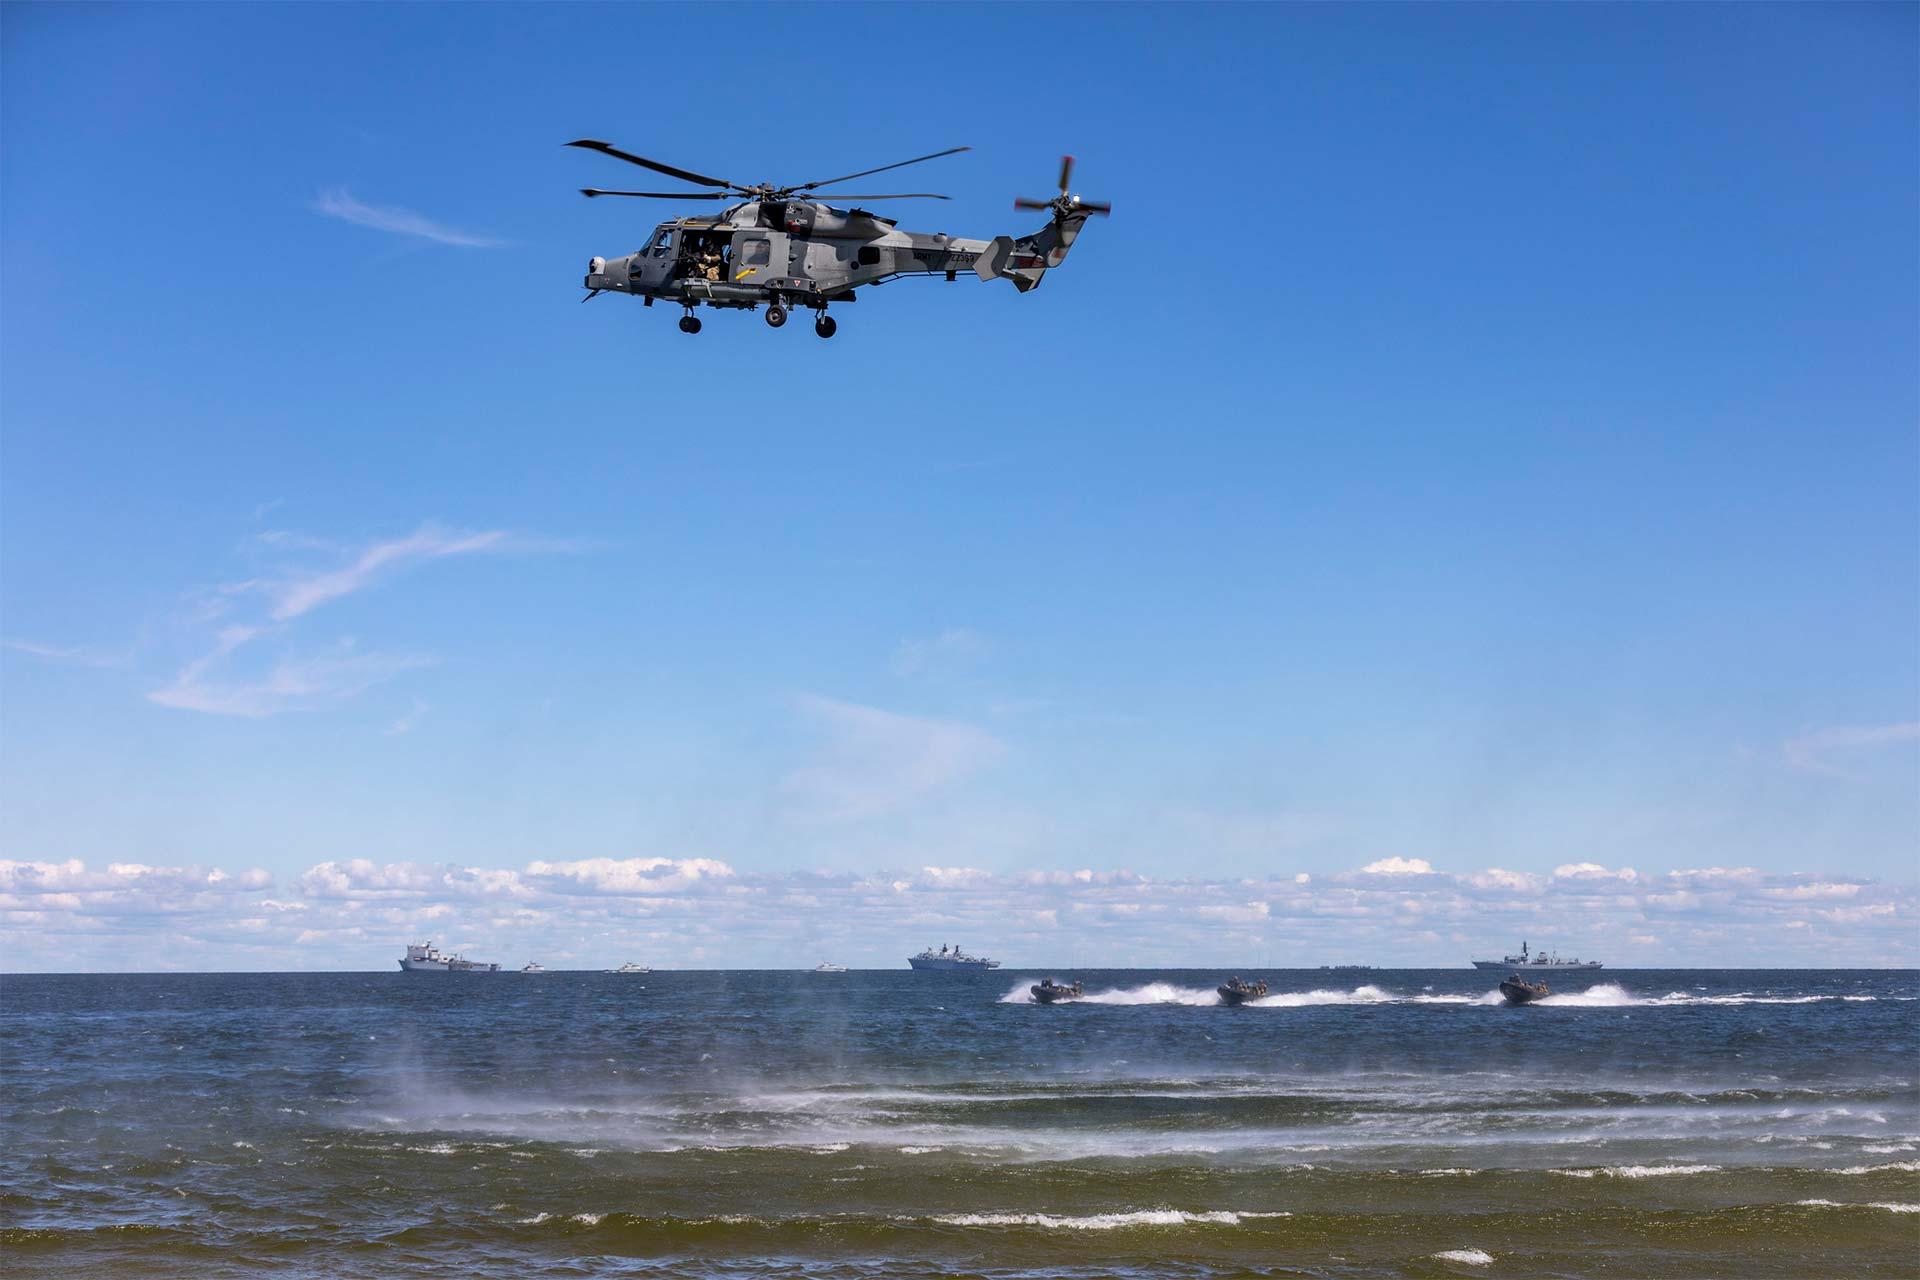 Ühendekspeditsiooniväe (JEF) meredessant Salmistul. 04.07.2019 Foto: Mattias Allik, Aivo Vahemets, Karl Alfred Baumeister